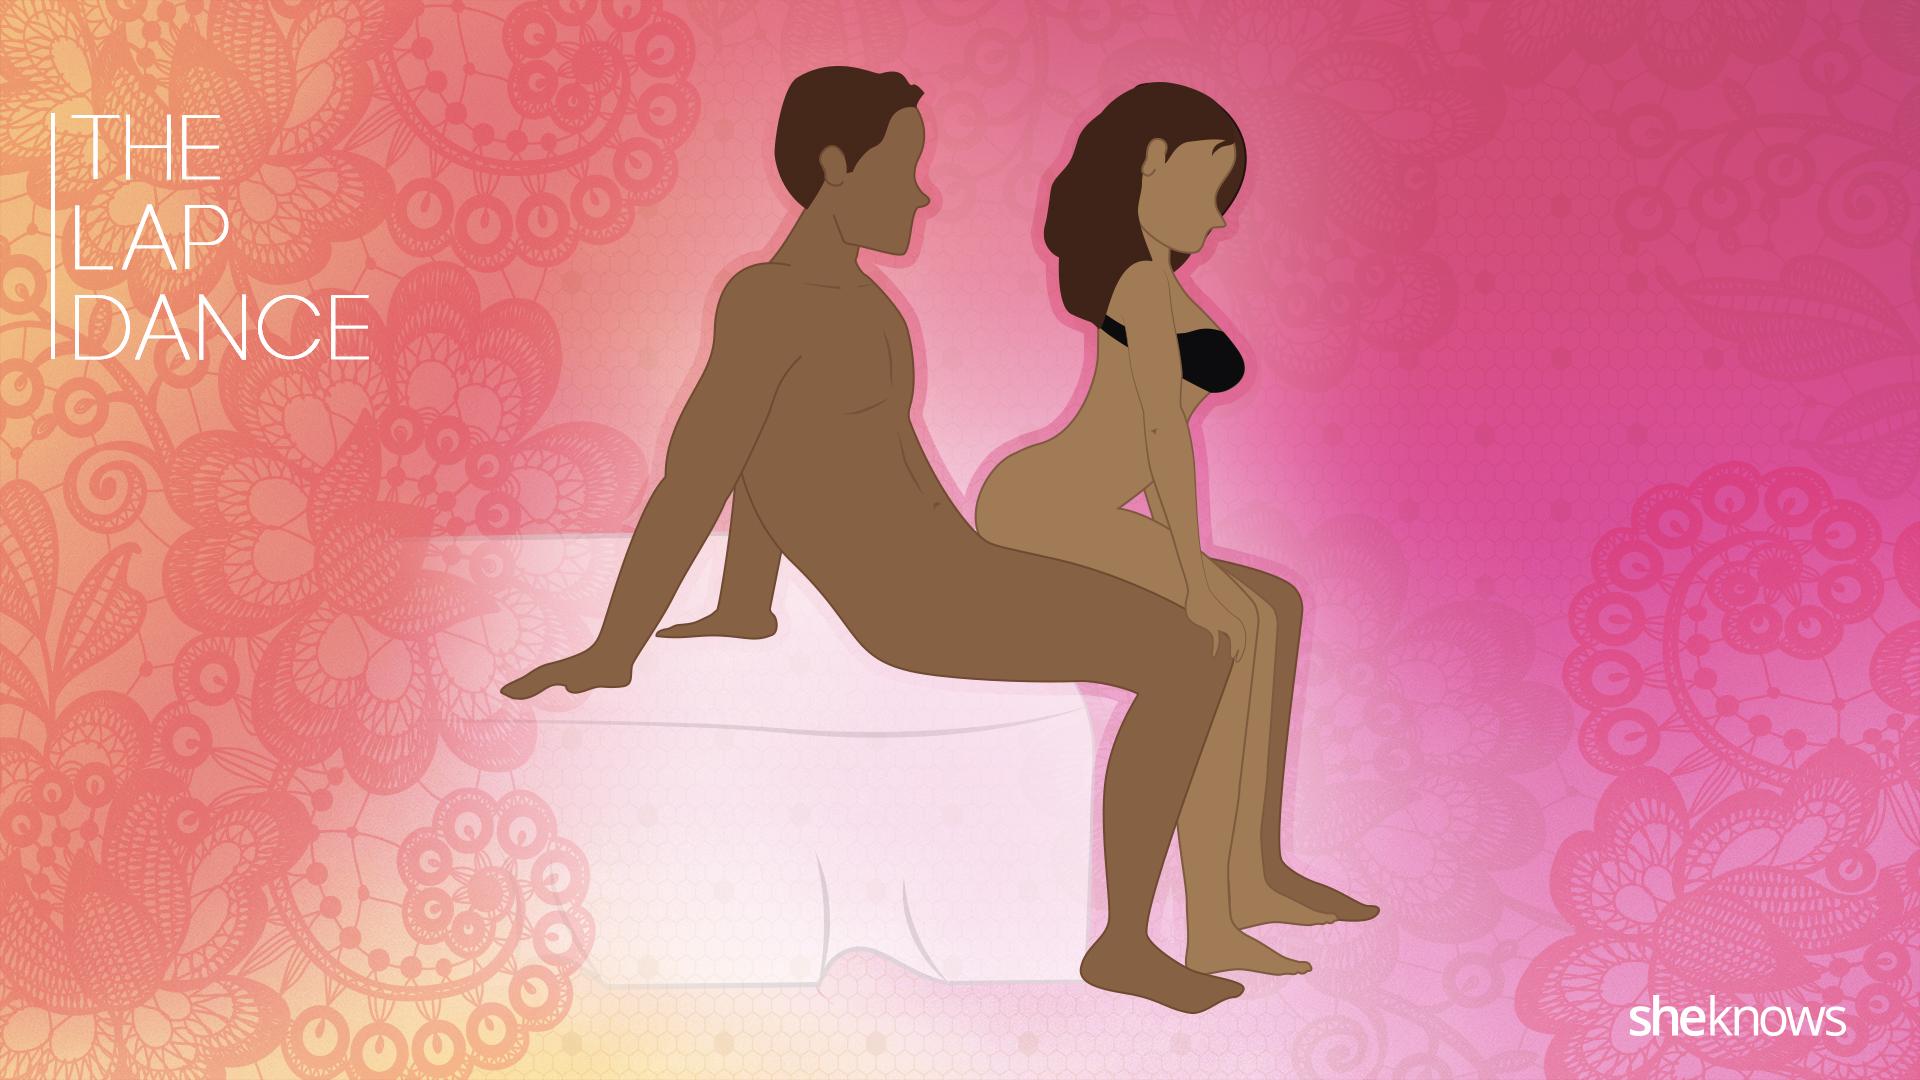 Lap dance sex position